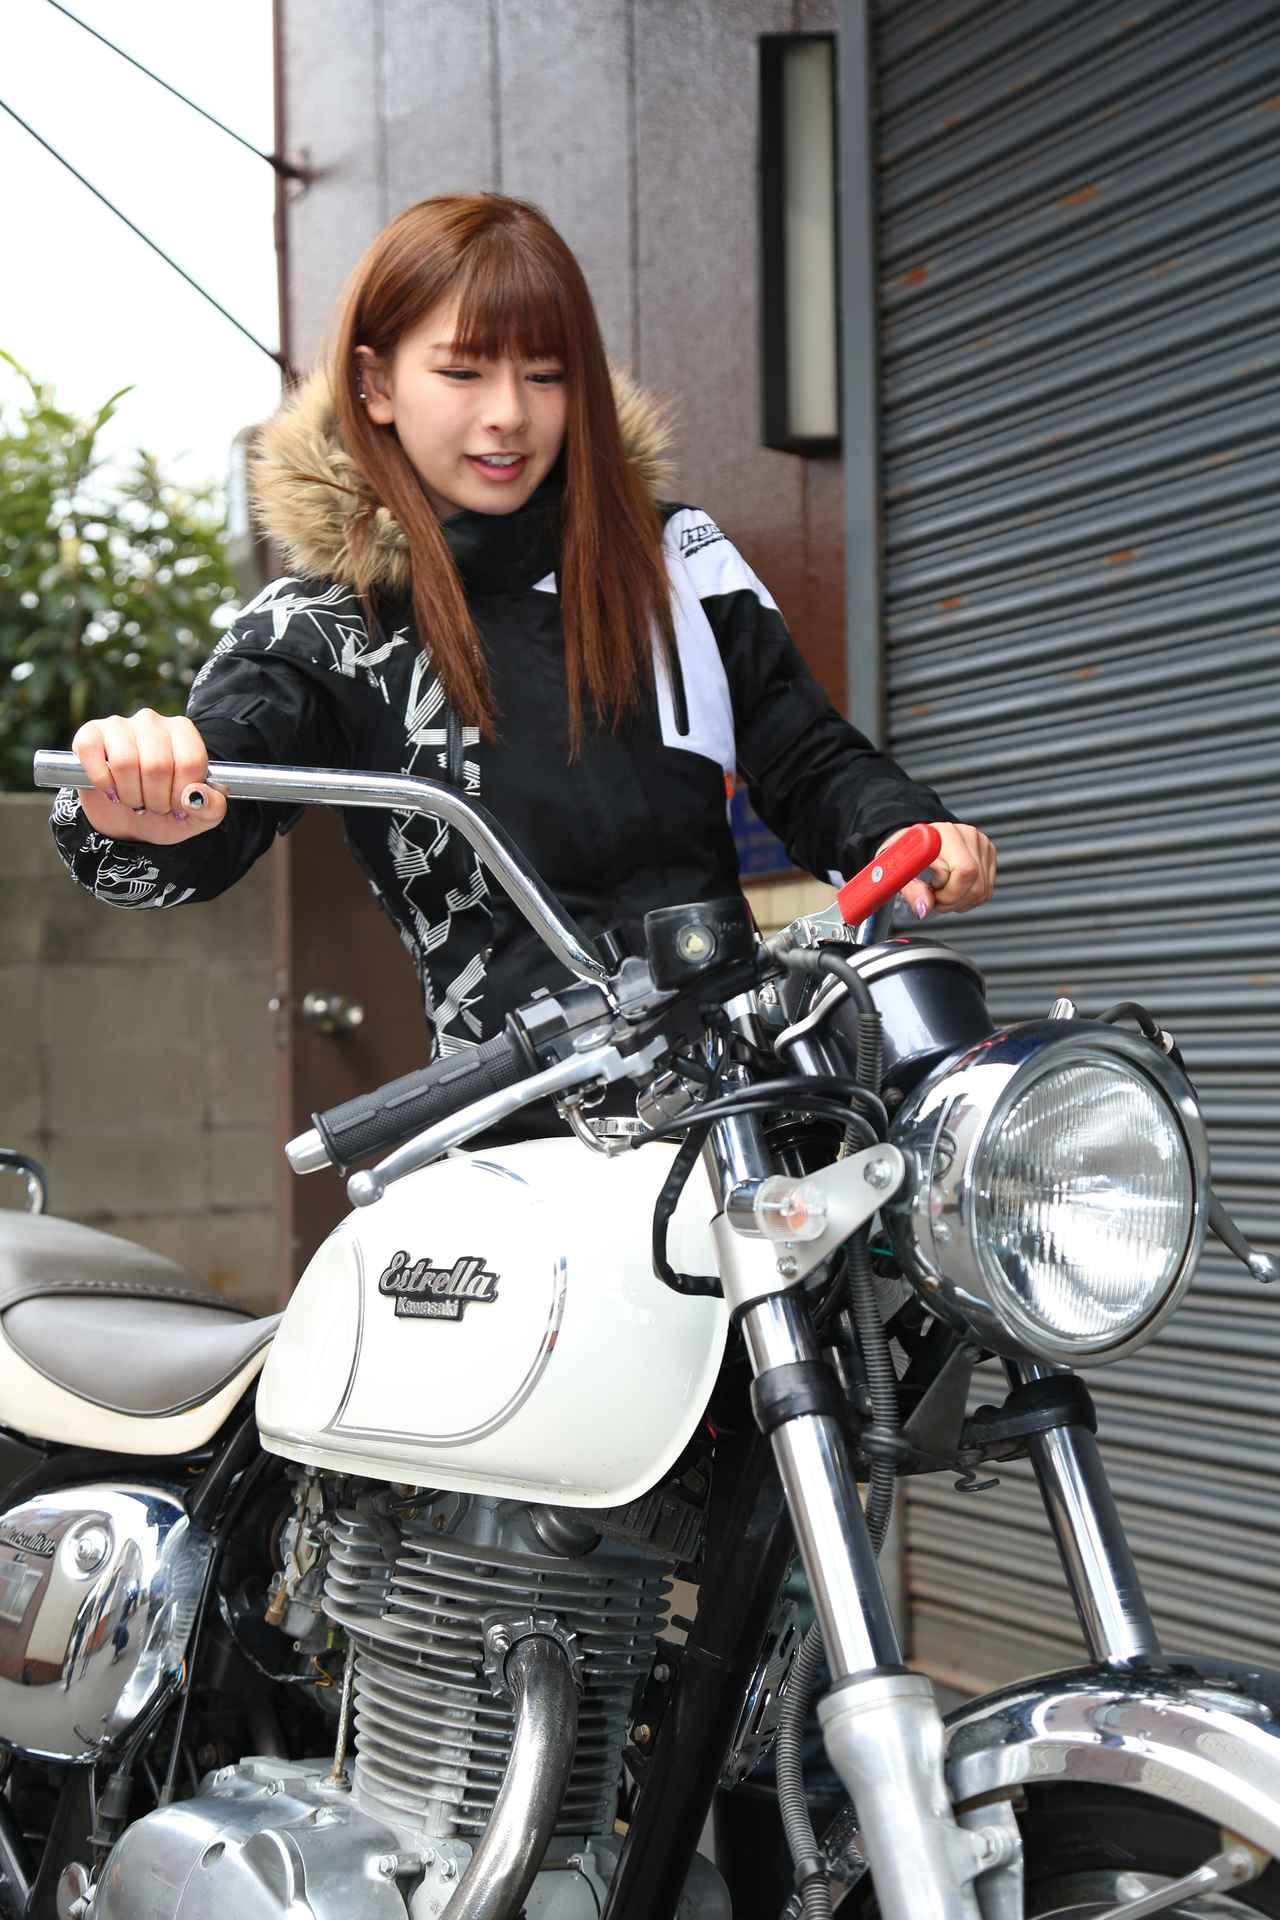 Images : 6番目の画像 - 「ピッタリのハンドルが見つかるかも! ハリケーンの体験車両で楽しもう!【大阪モーターサイクルショー2019】」のアルバム - webオートバイ